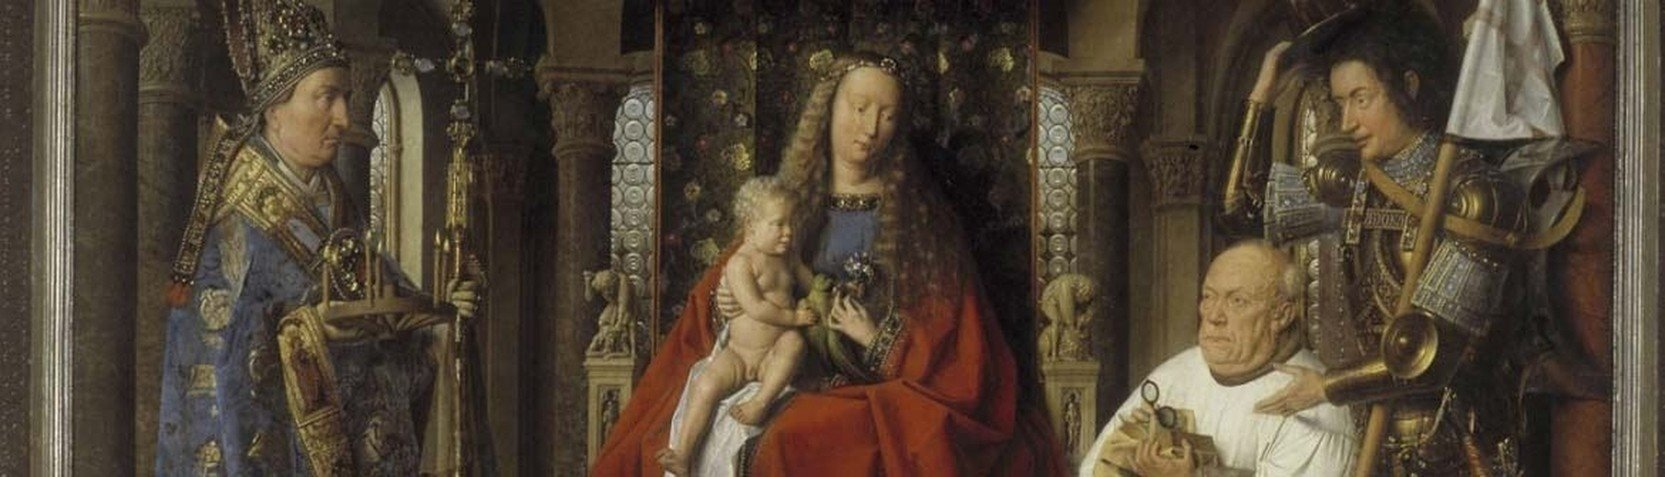 Artistas - Jan van Eyck